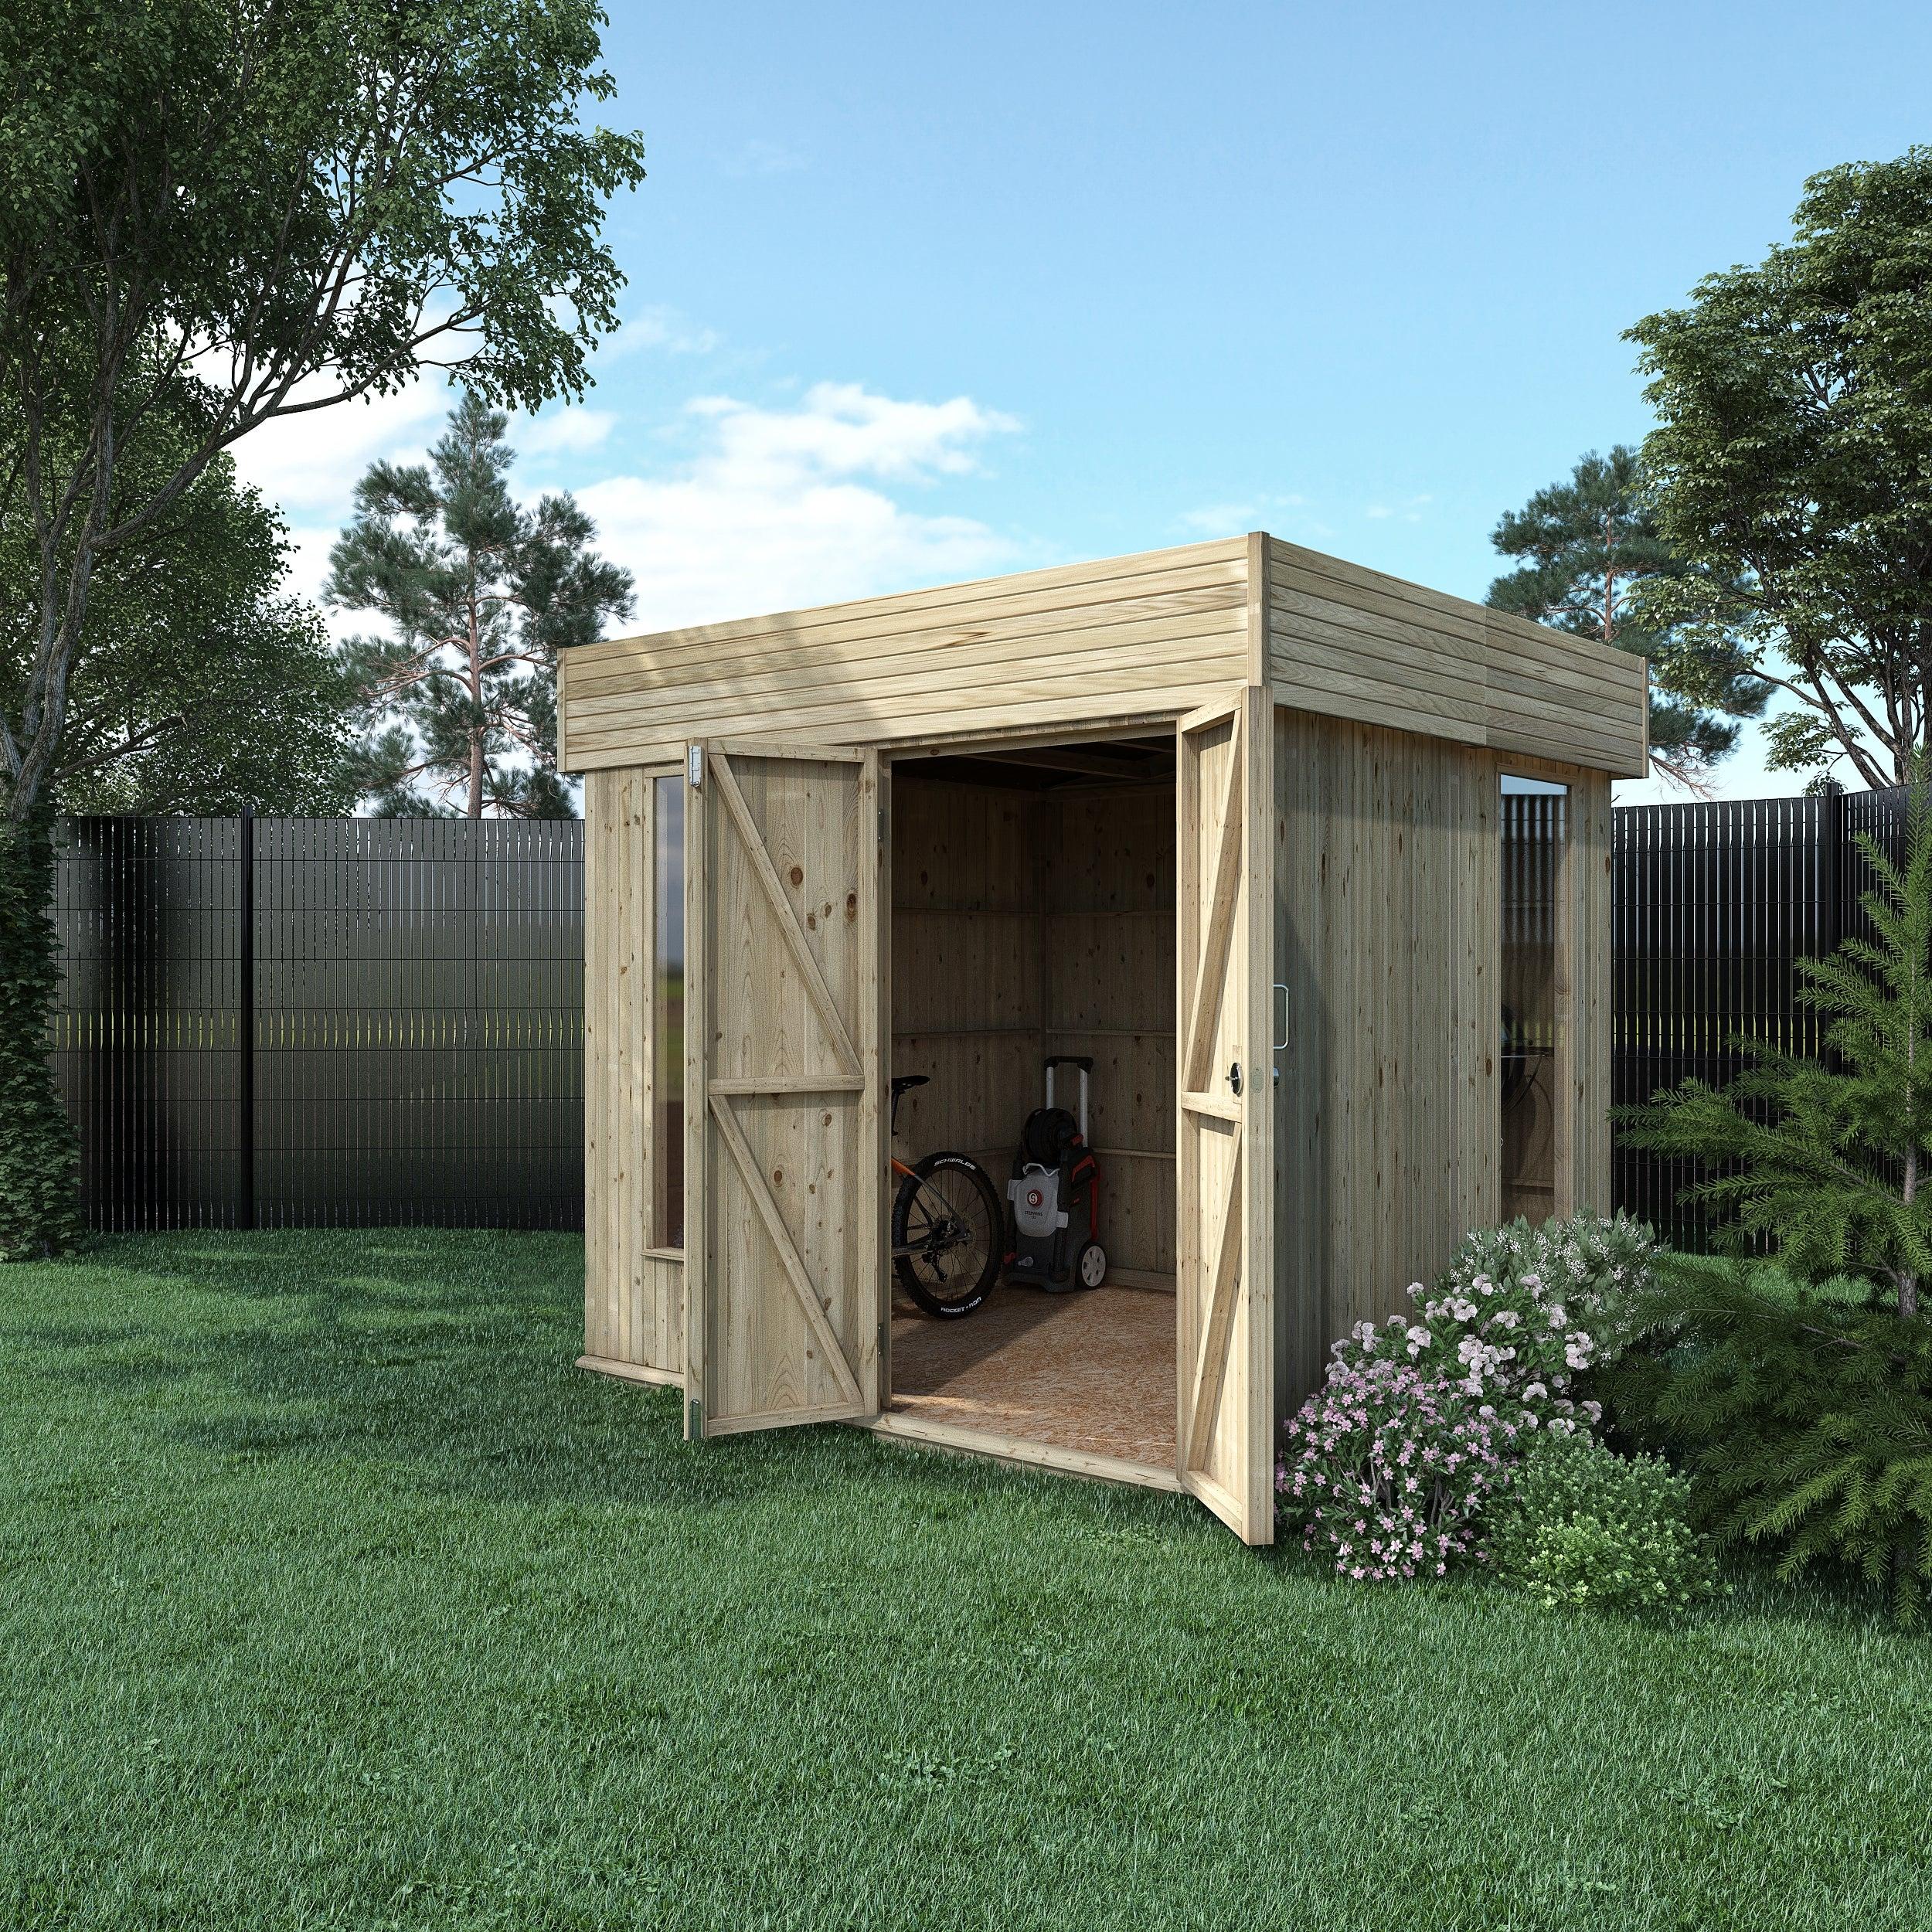 Abri De Jardin Bois Hutta L Moderne Ep.15 Mm, 5.15 M² pour Abri De Jardin Moderne